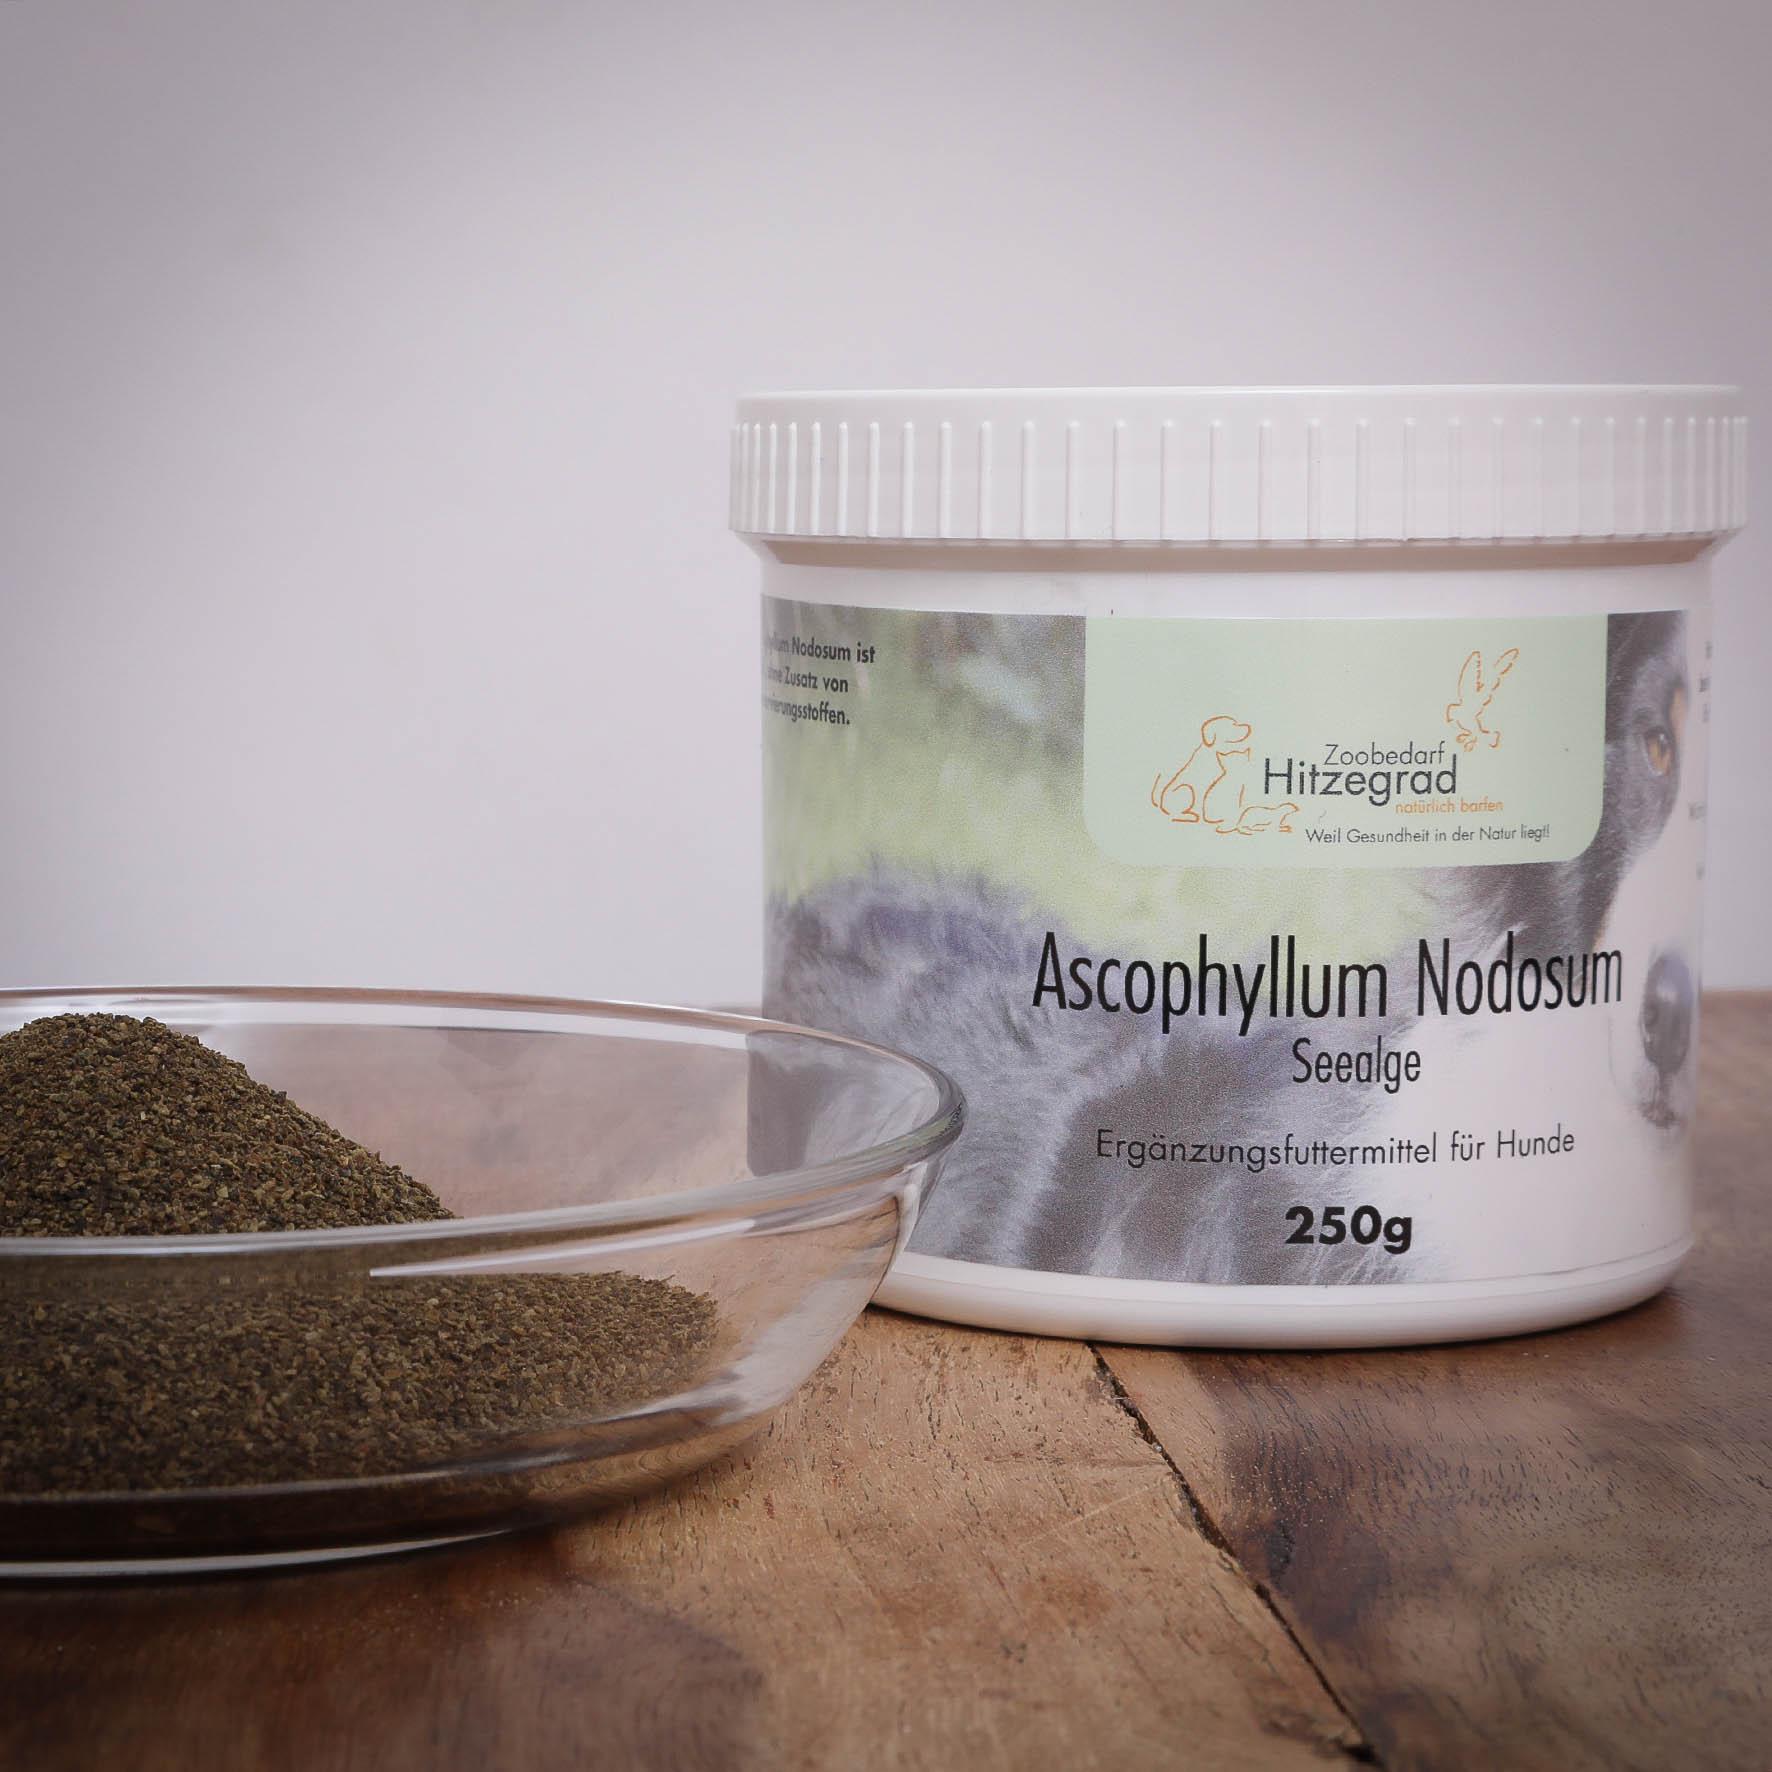 Ascophyllum Nodosum für Hunde